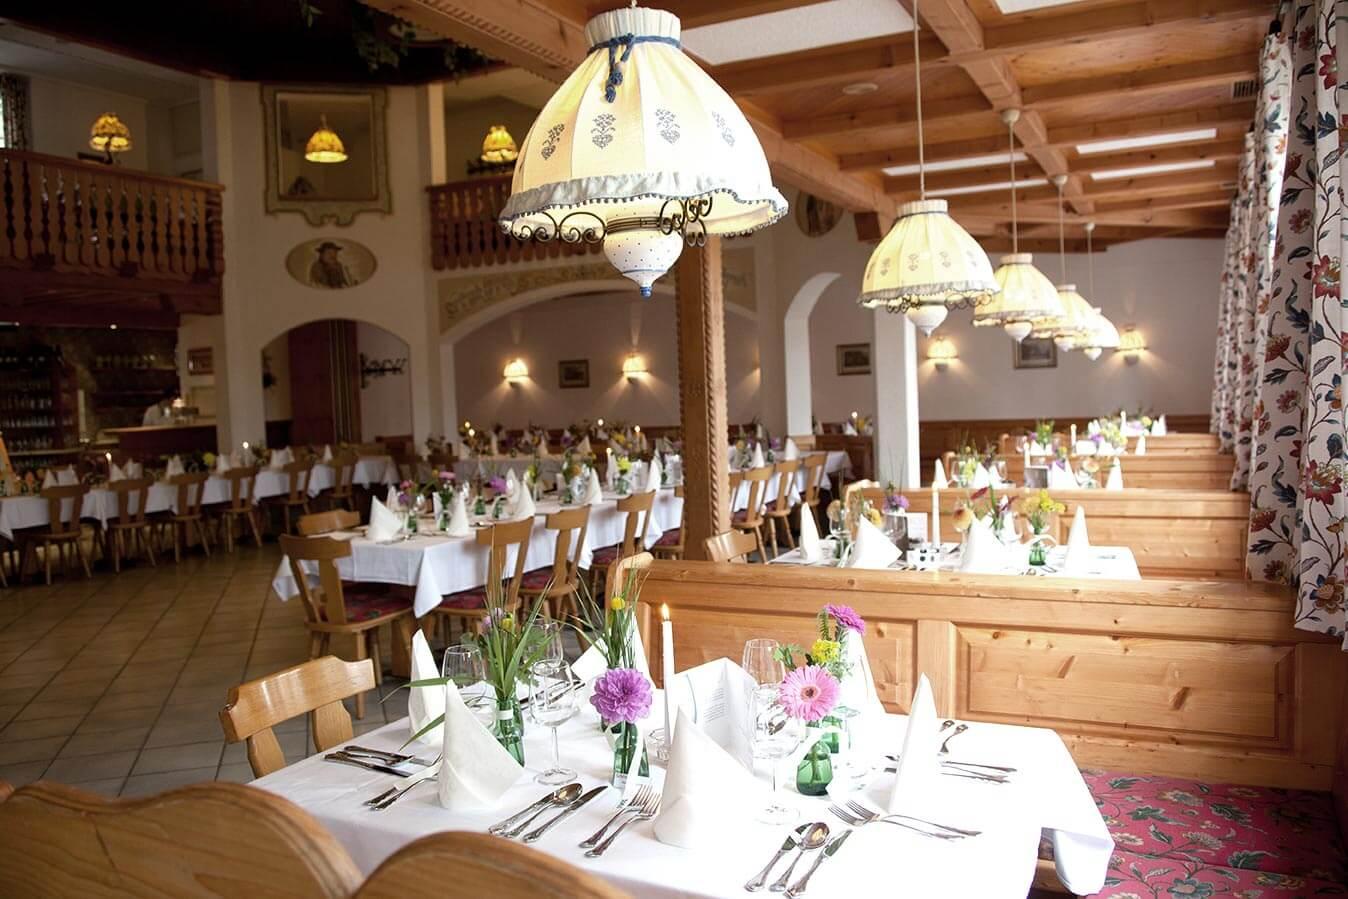 Kleiner Festsaal für die Familienfeier.